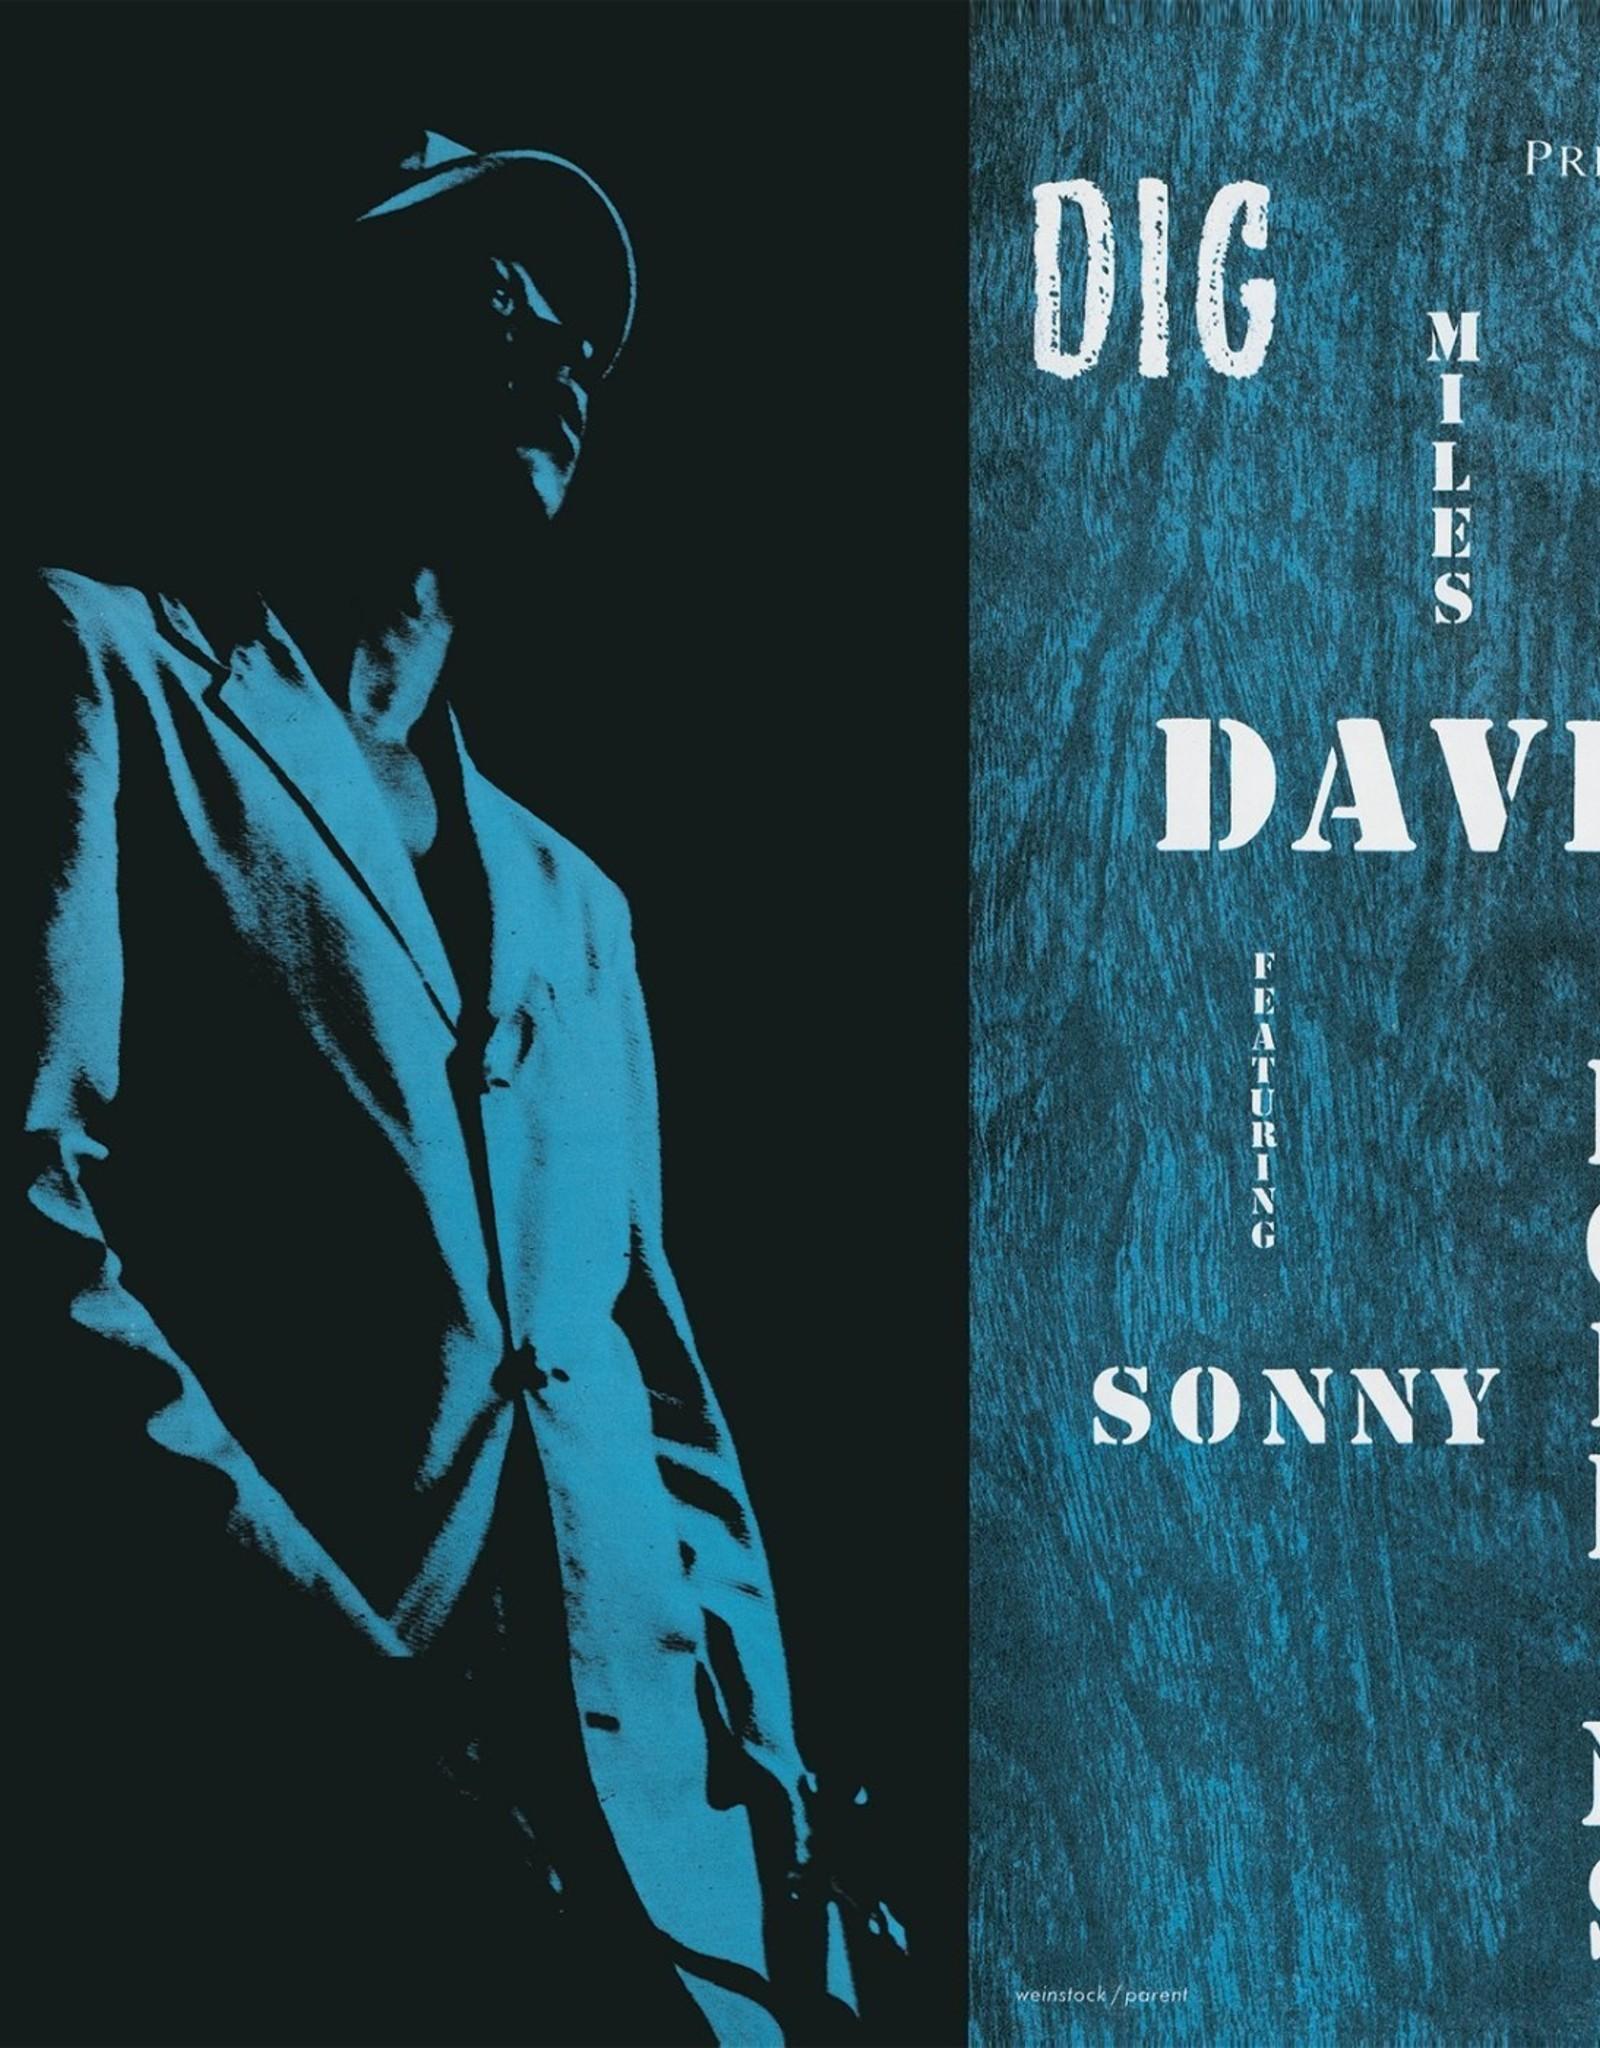 Miles Davis / Sonny Rollins - Dig